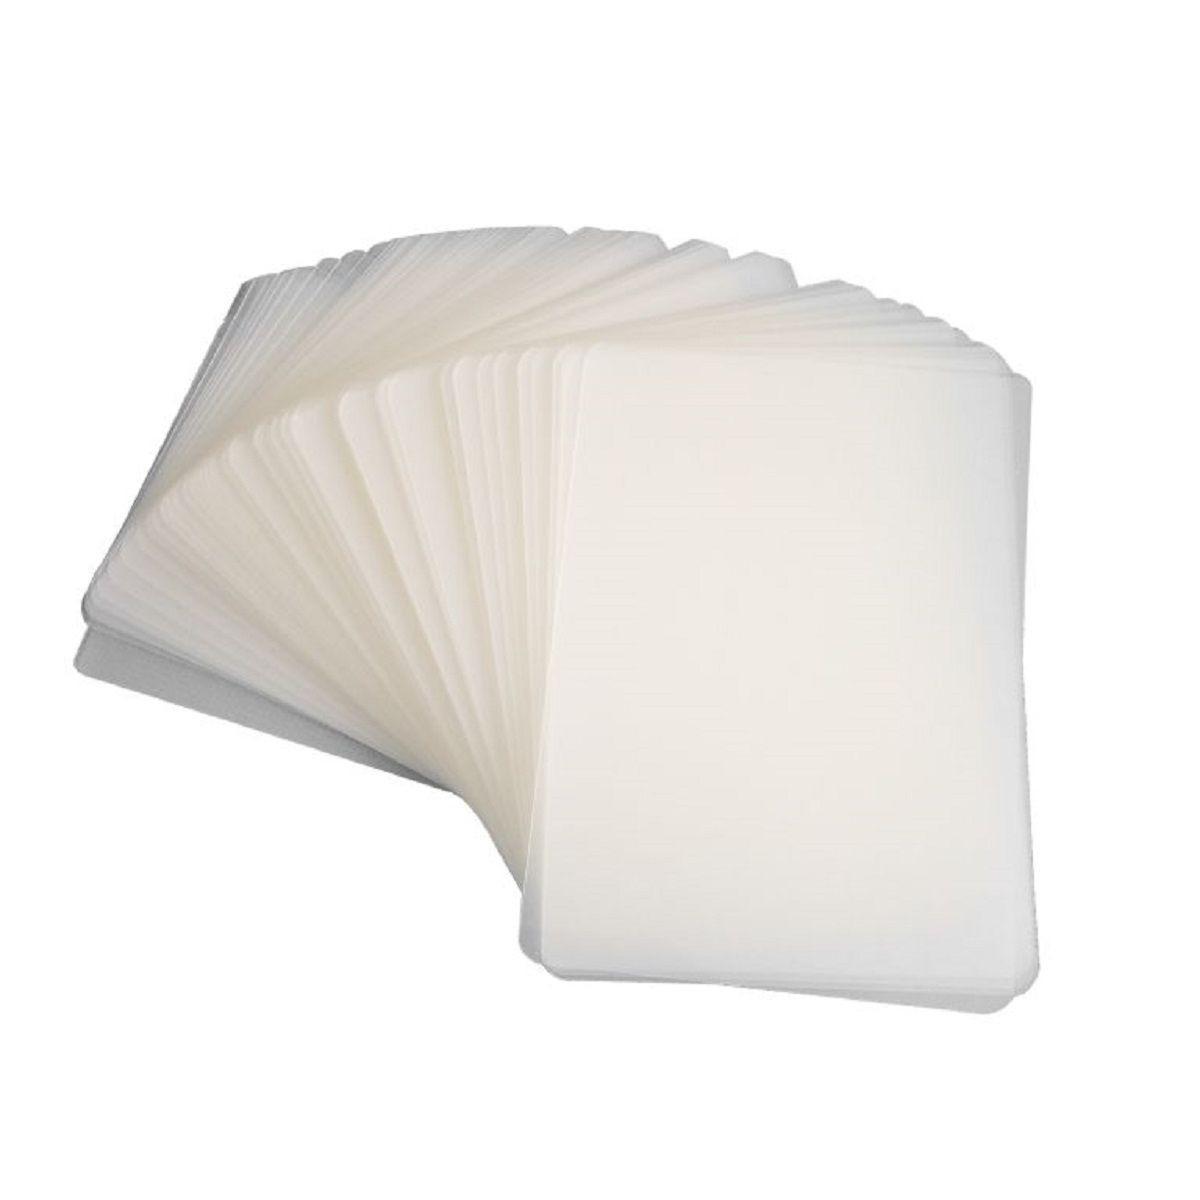 Kit 1000 Plasticos Polaseal para Plastificação A4 220x307x0,05mm (125 micras)  - Click Suprimentos